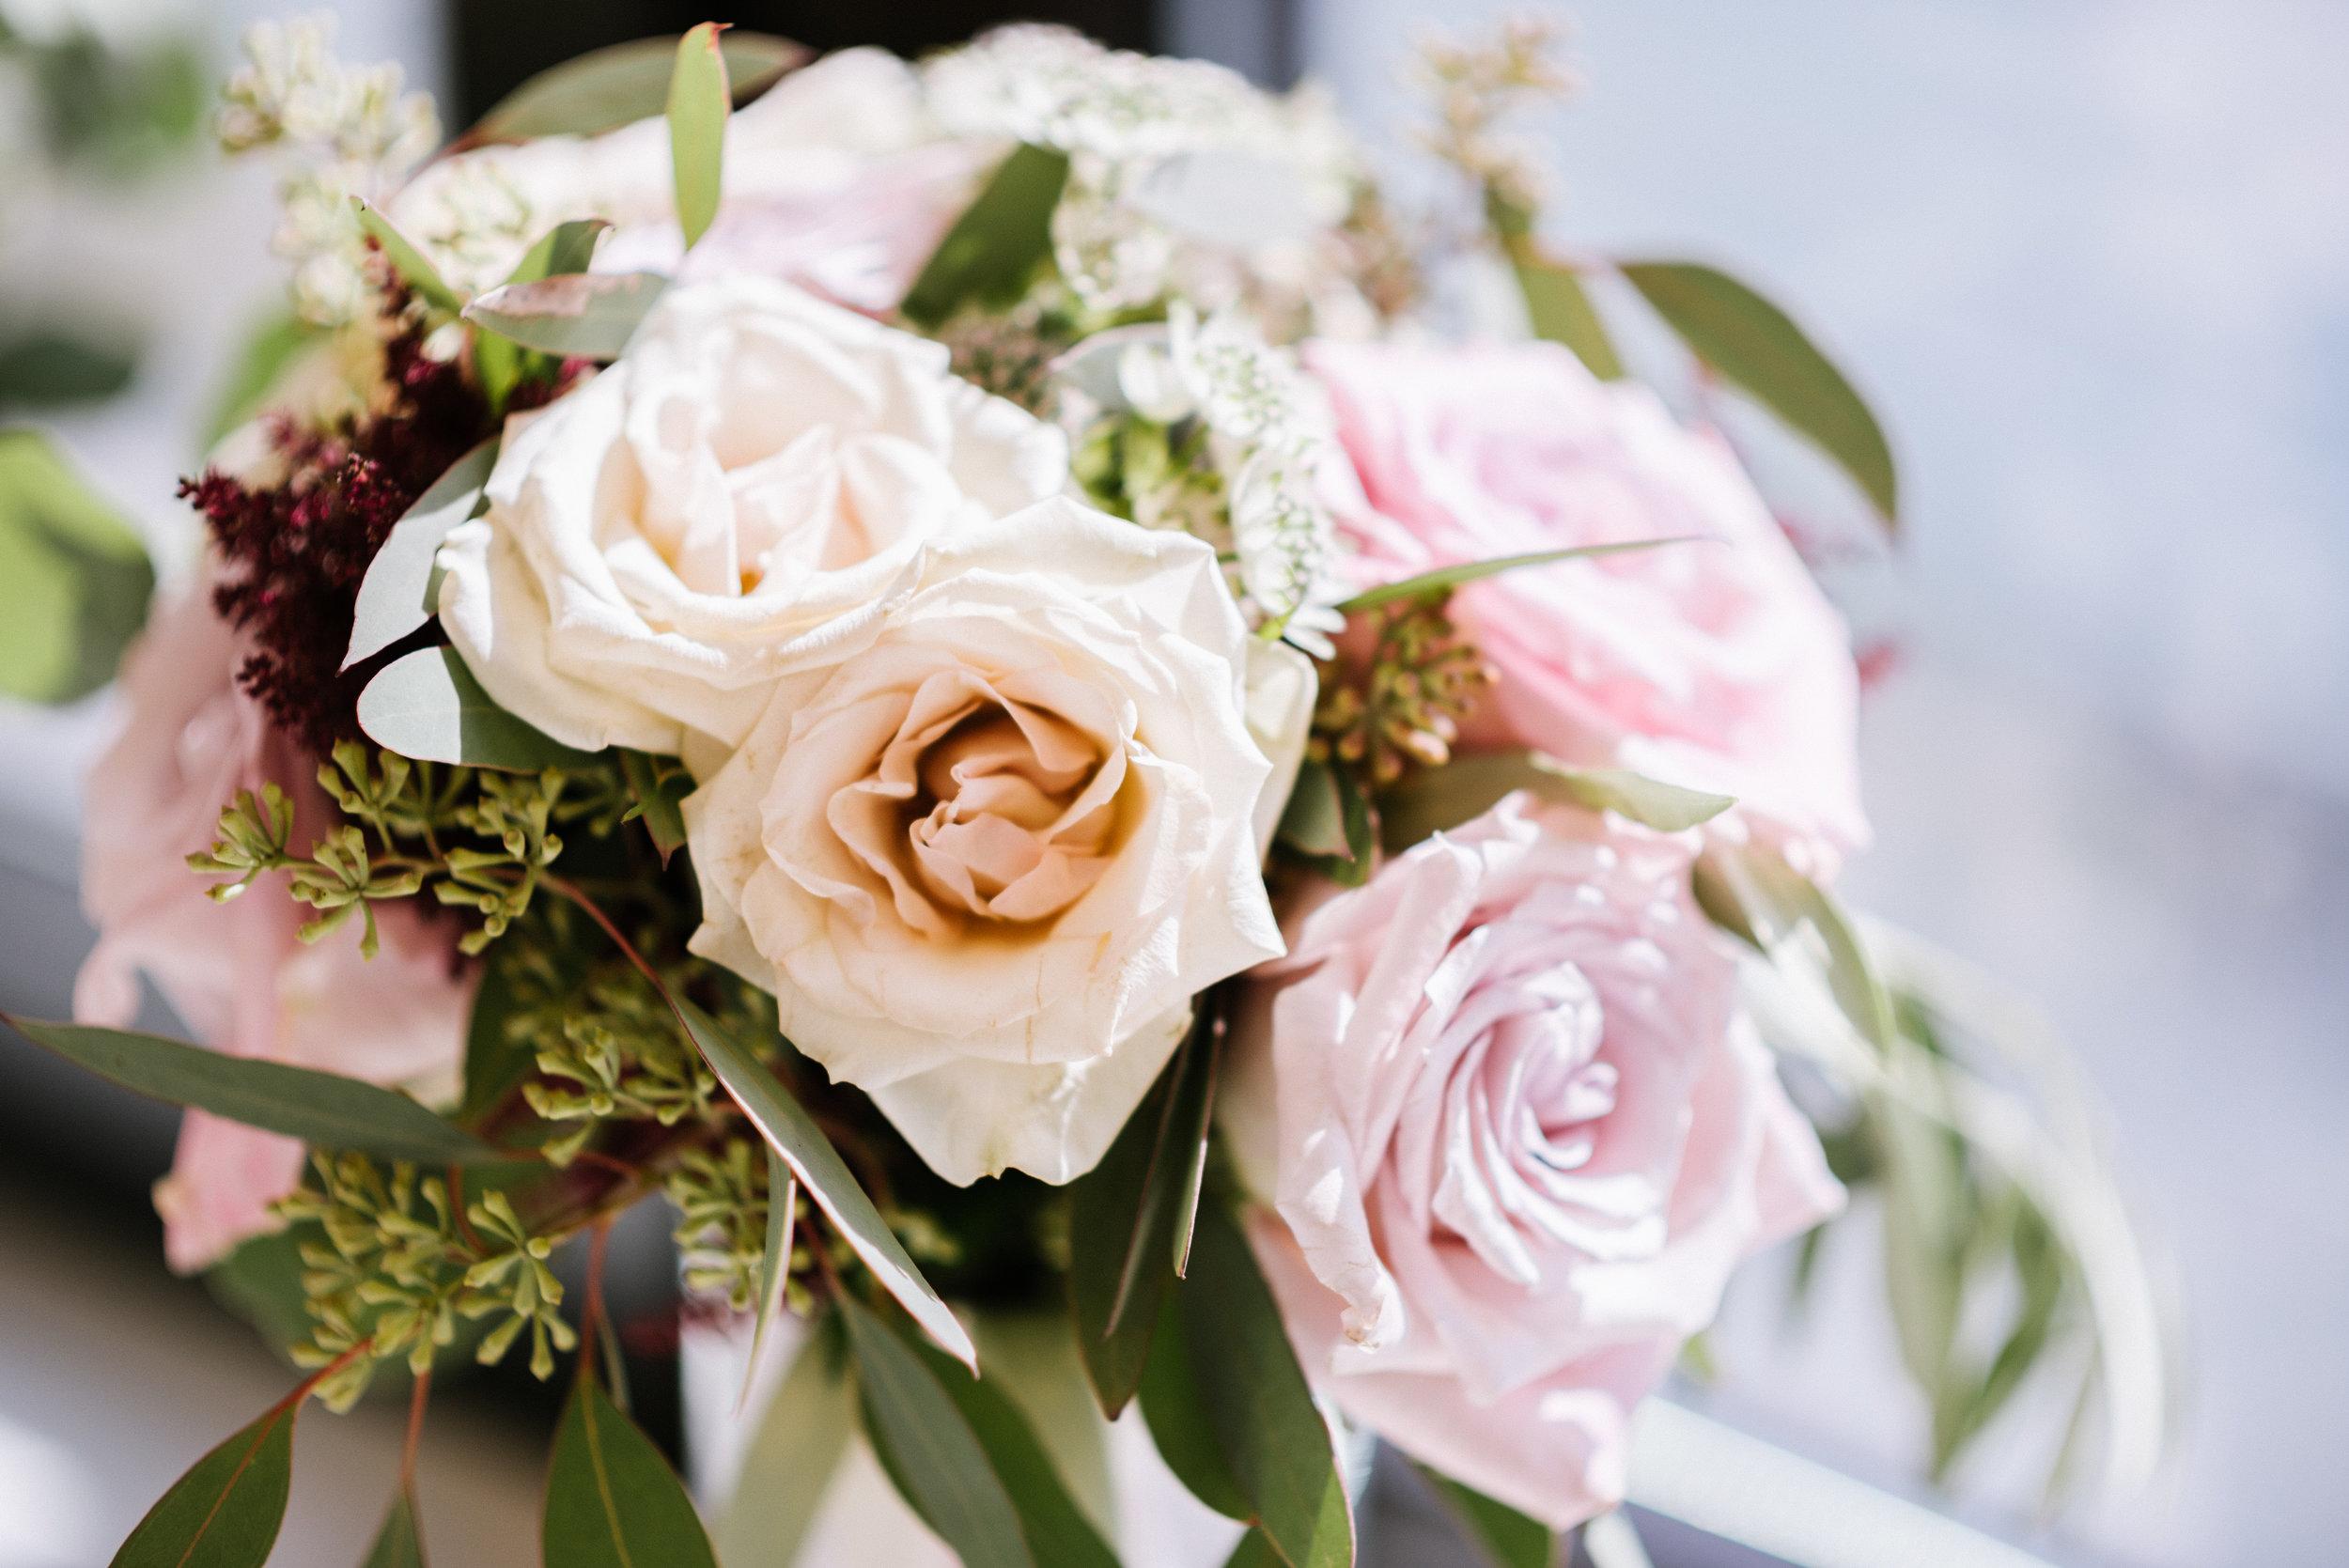 DetailsNashville-Rachel+Nick-Wedding Day-003.jpg